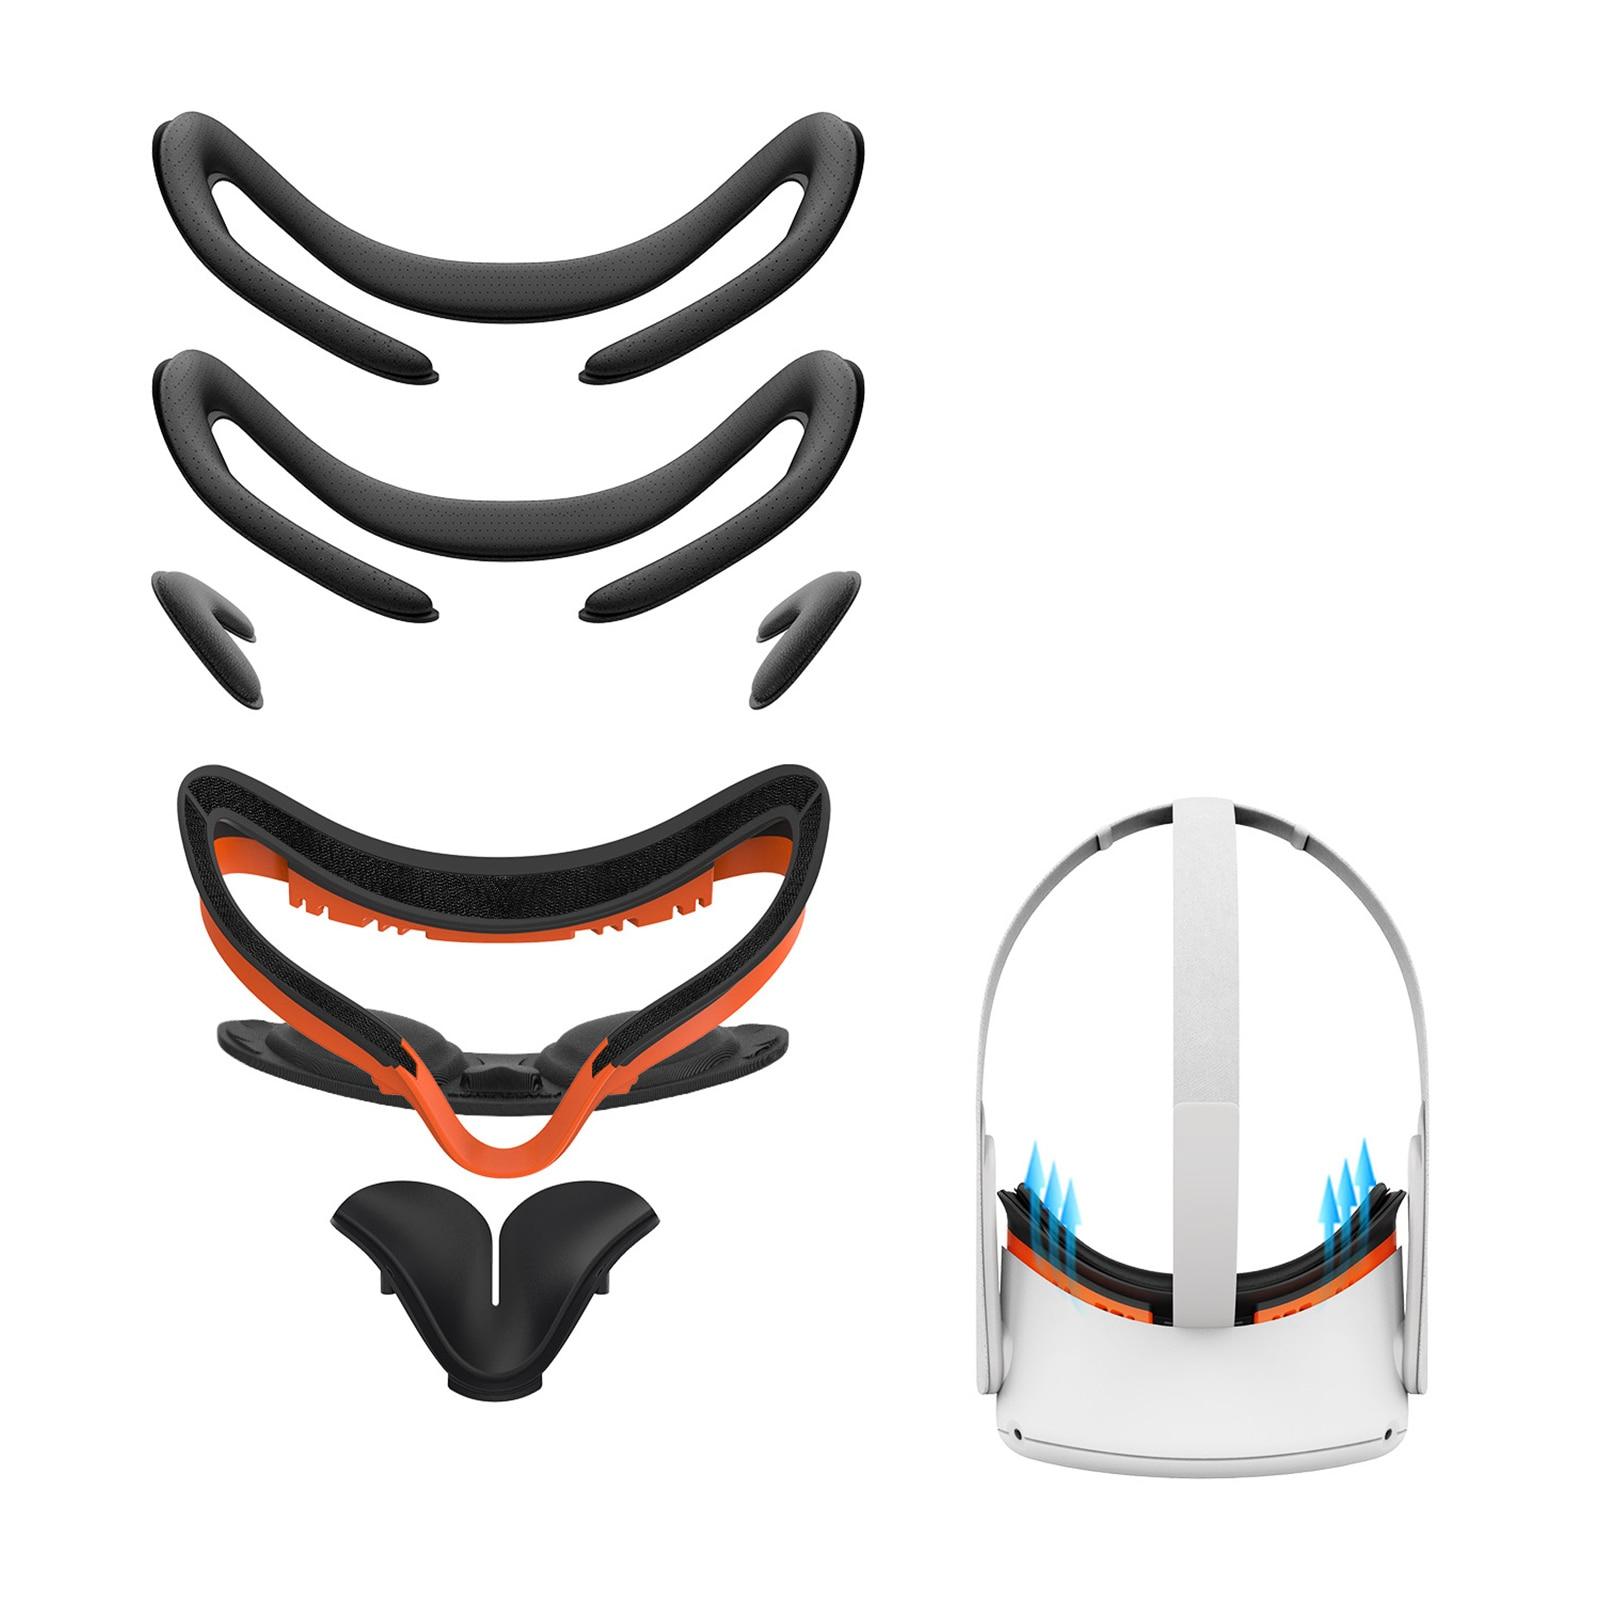 7 em 1 conjunto vr interface facial bracket & couro do plutônio espuma rosto capa almofada substituição conforto acessórios para oculus quest 2